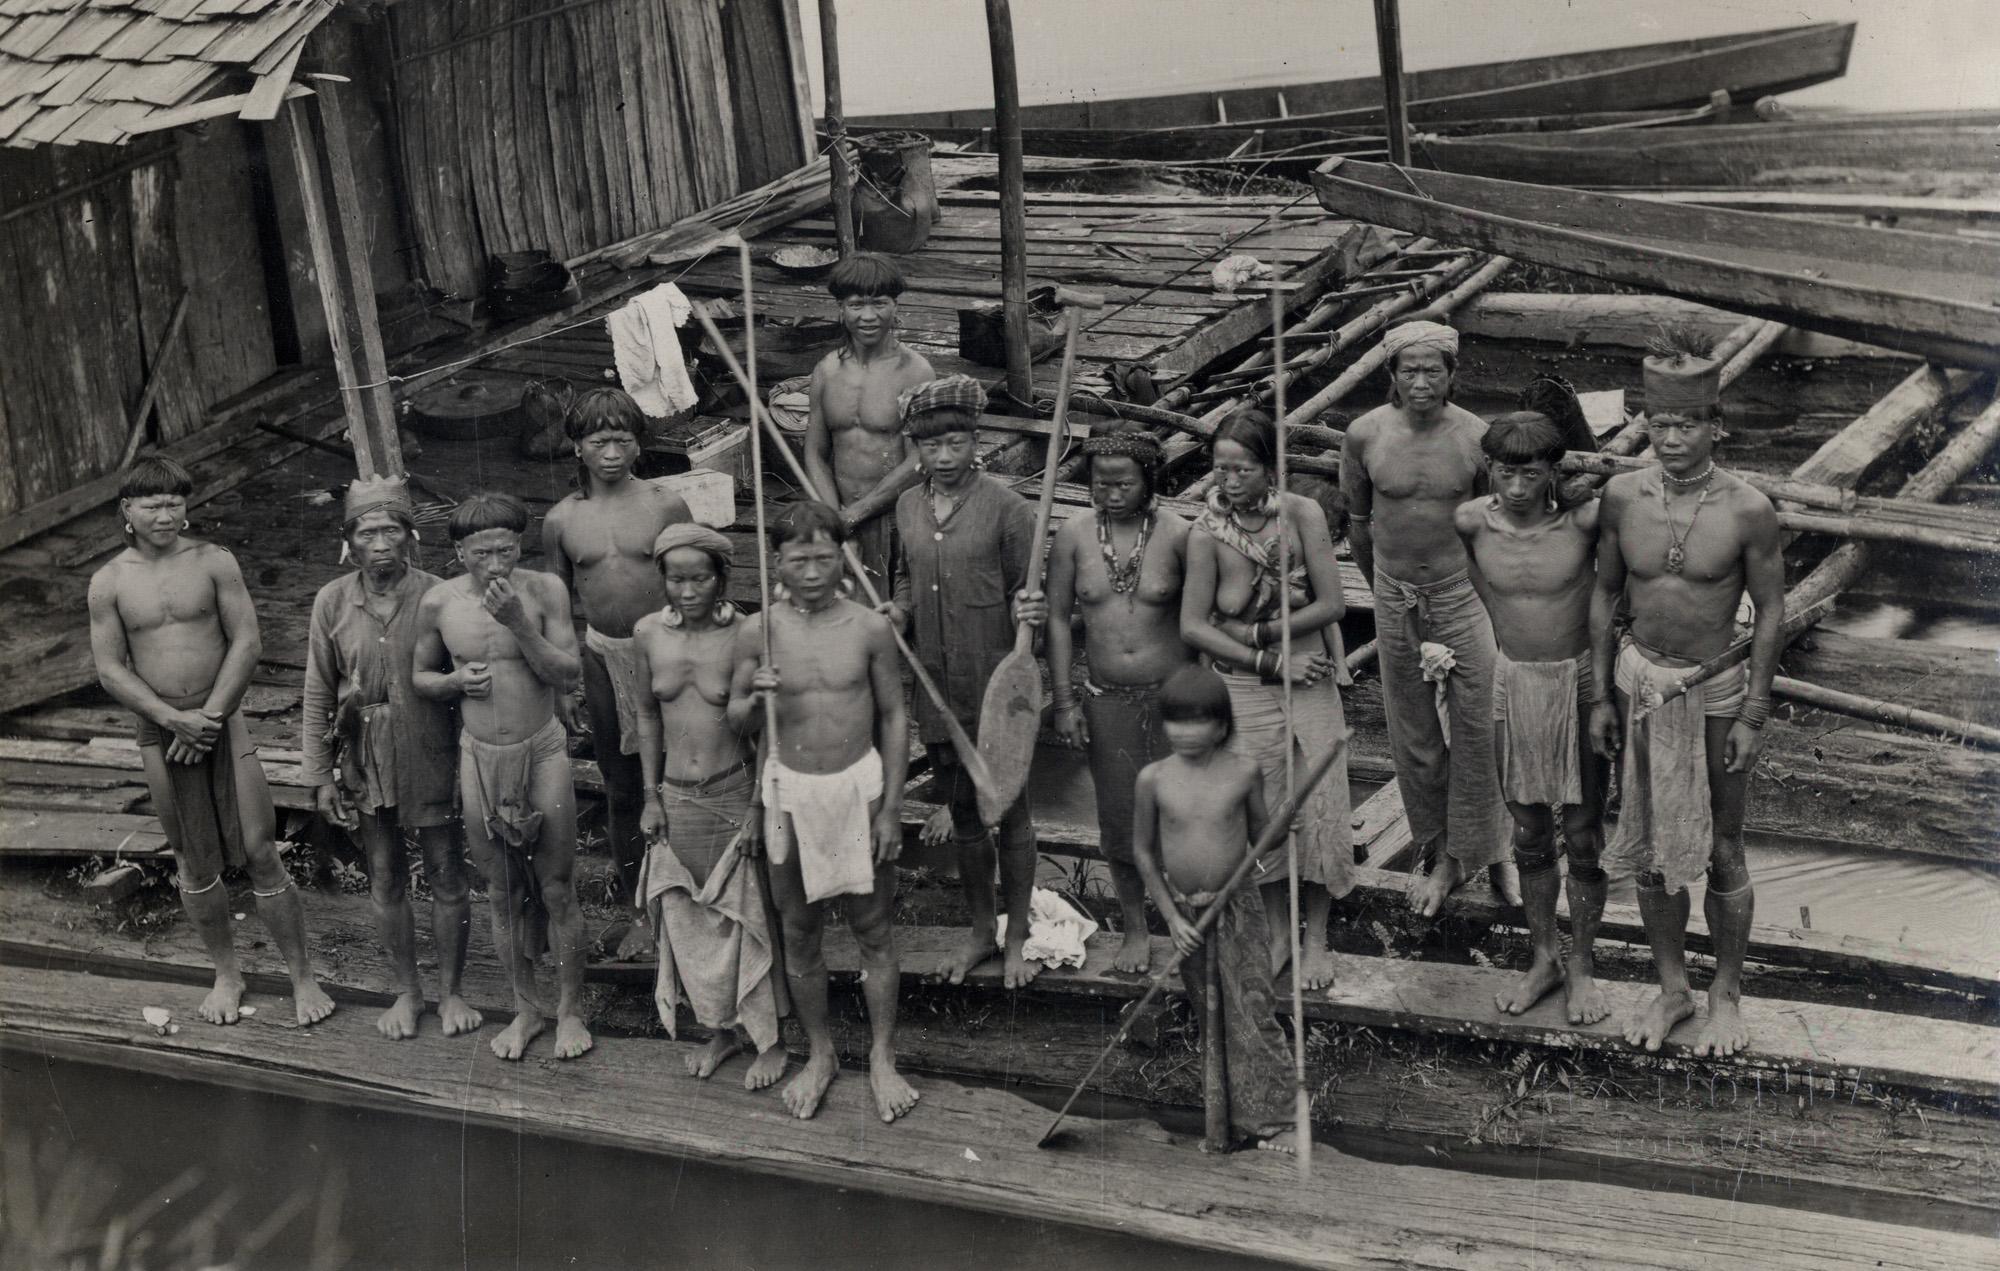 Vermoedelijk Poenan mannen en vrouwen op een steiger in een rivier op Oost-Borneo.  Presumably Poenan men and women on a jetty in a river in East Borneo.  Honda, M. Circa 1935.  Collection of Leiden University Libraries.